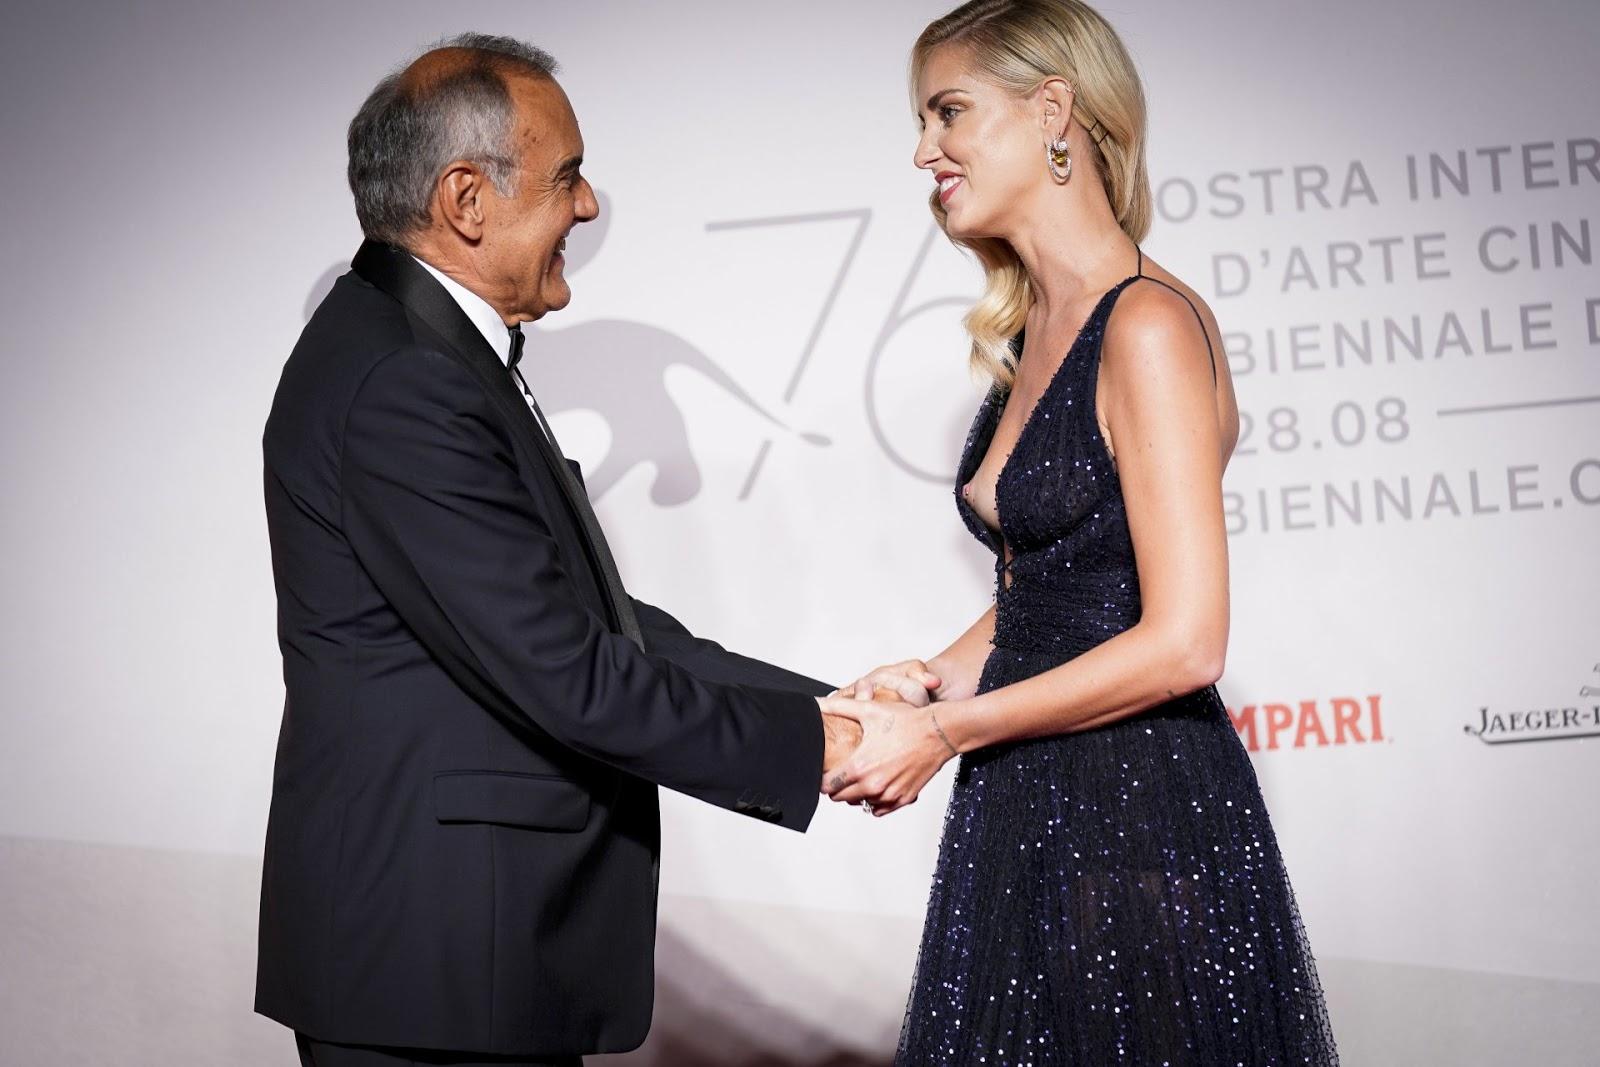 Chiara Ferragni – Nipslip at 'Chiara Ferragni – Unposted' Premiere in Venice